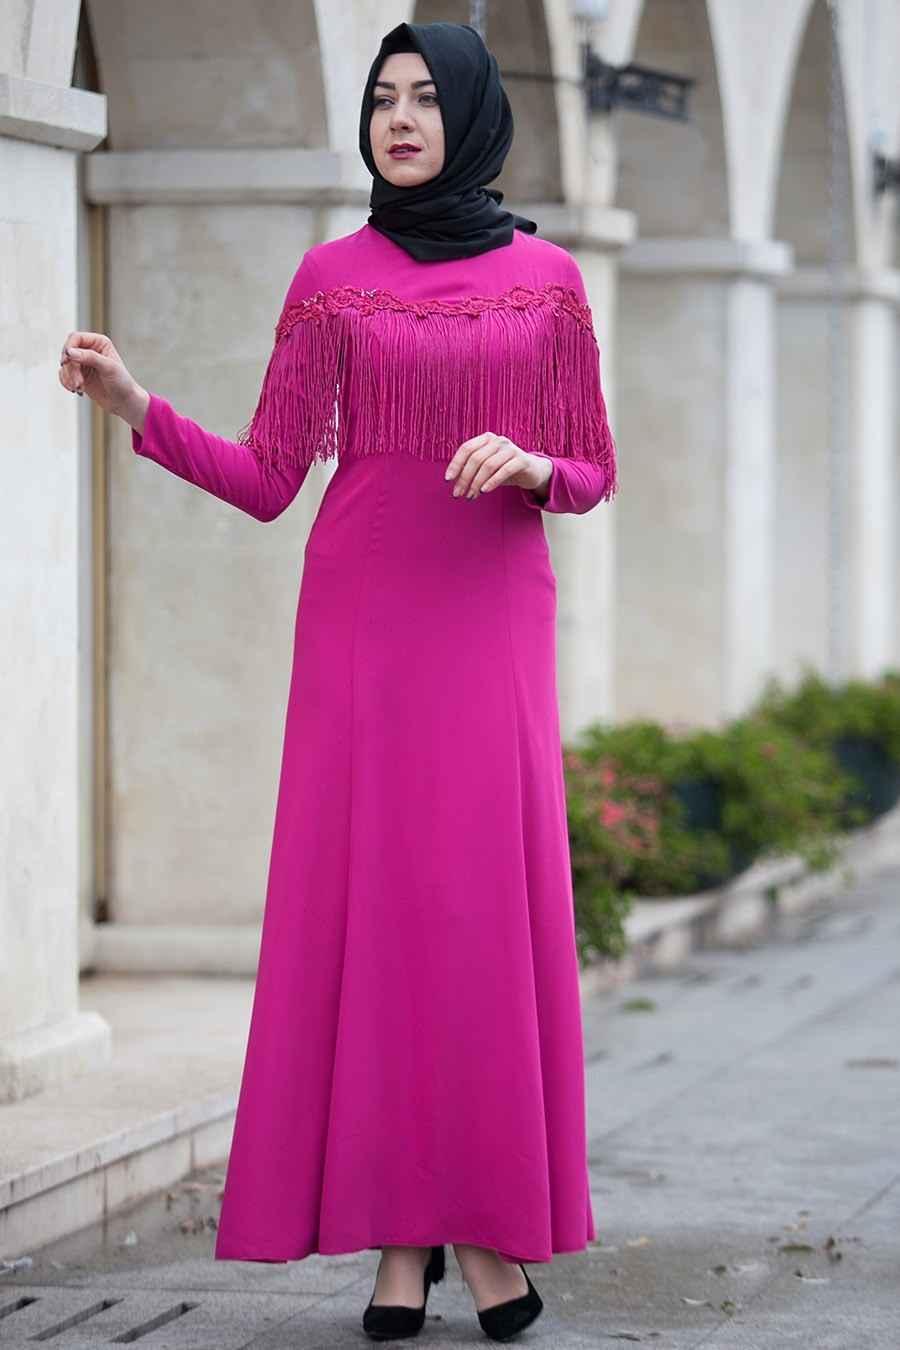 Modaneva Tesettür Püsküllü Elbise Modelleri